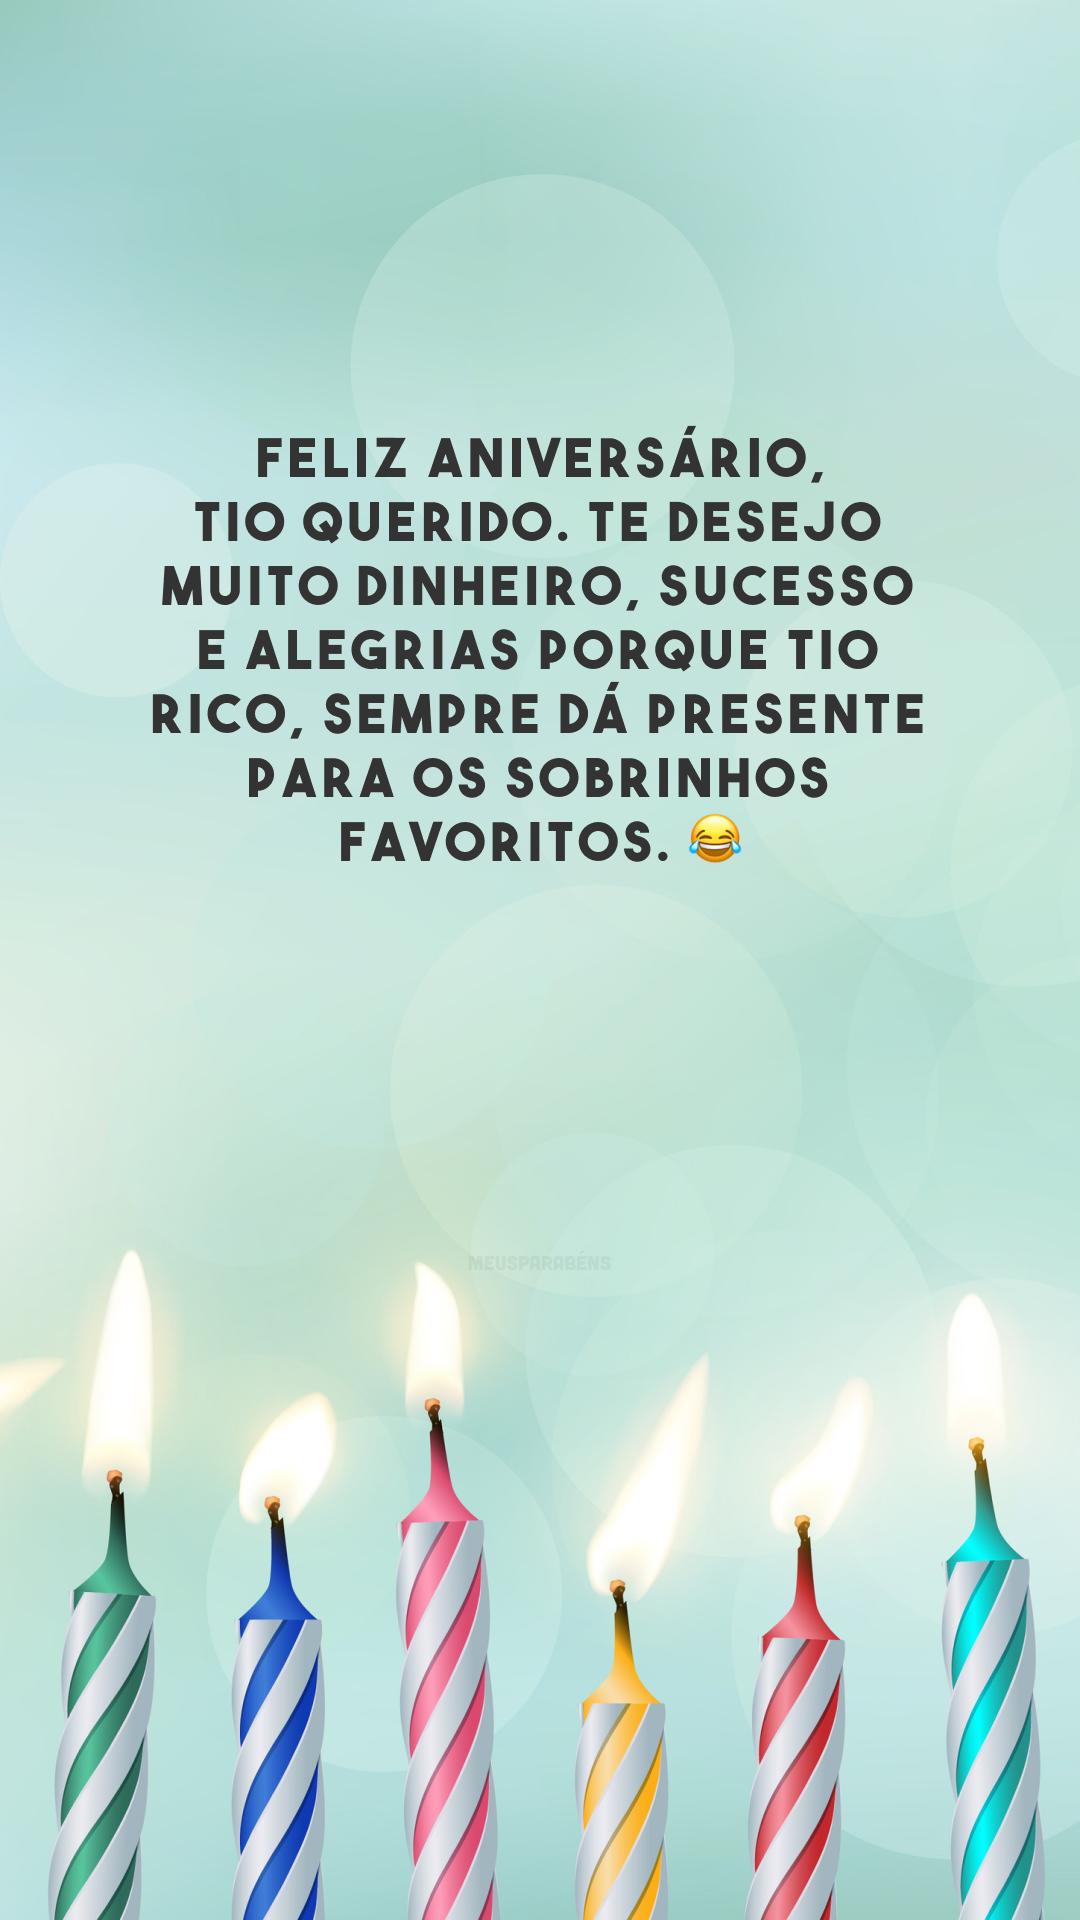 Feliz aniversário, tio querido. Te desejo muito dinheiro, sucesso e alegrias porque tio rico, sempre dá presente para os sobrinhos favoritos. 😂